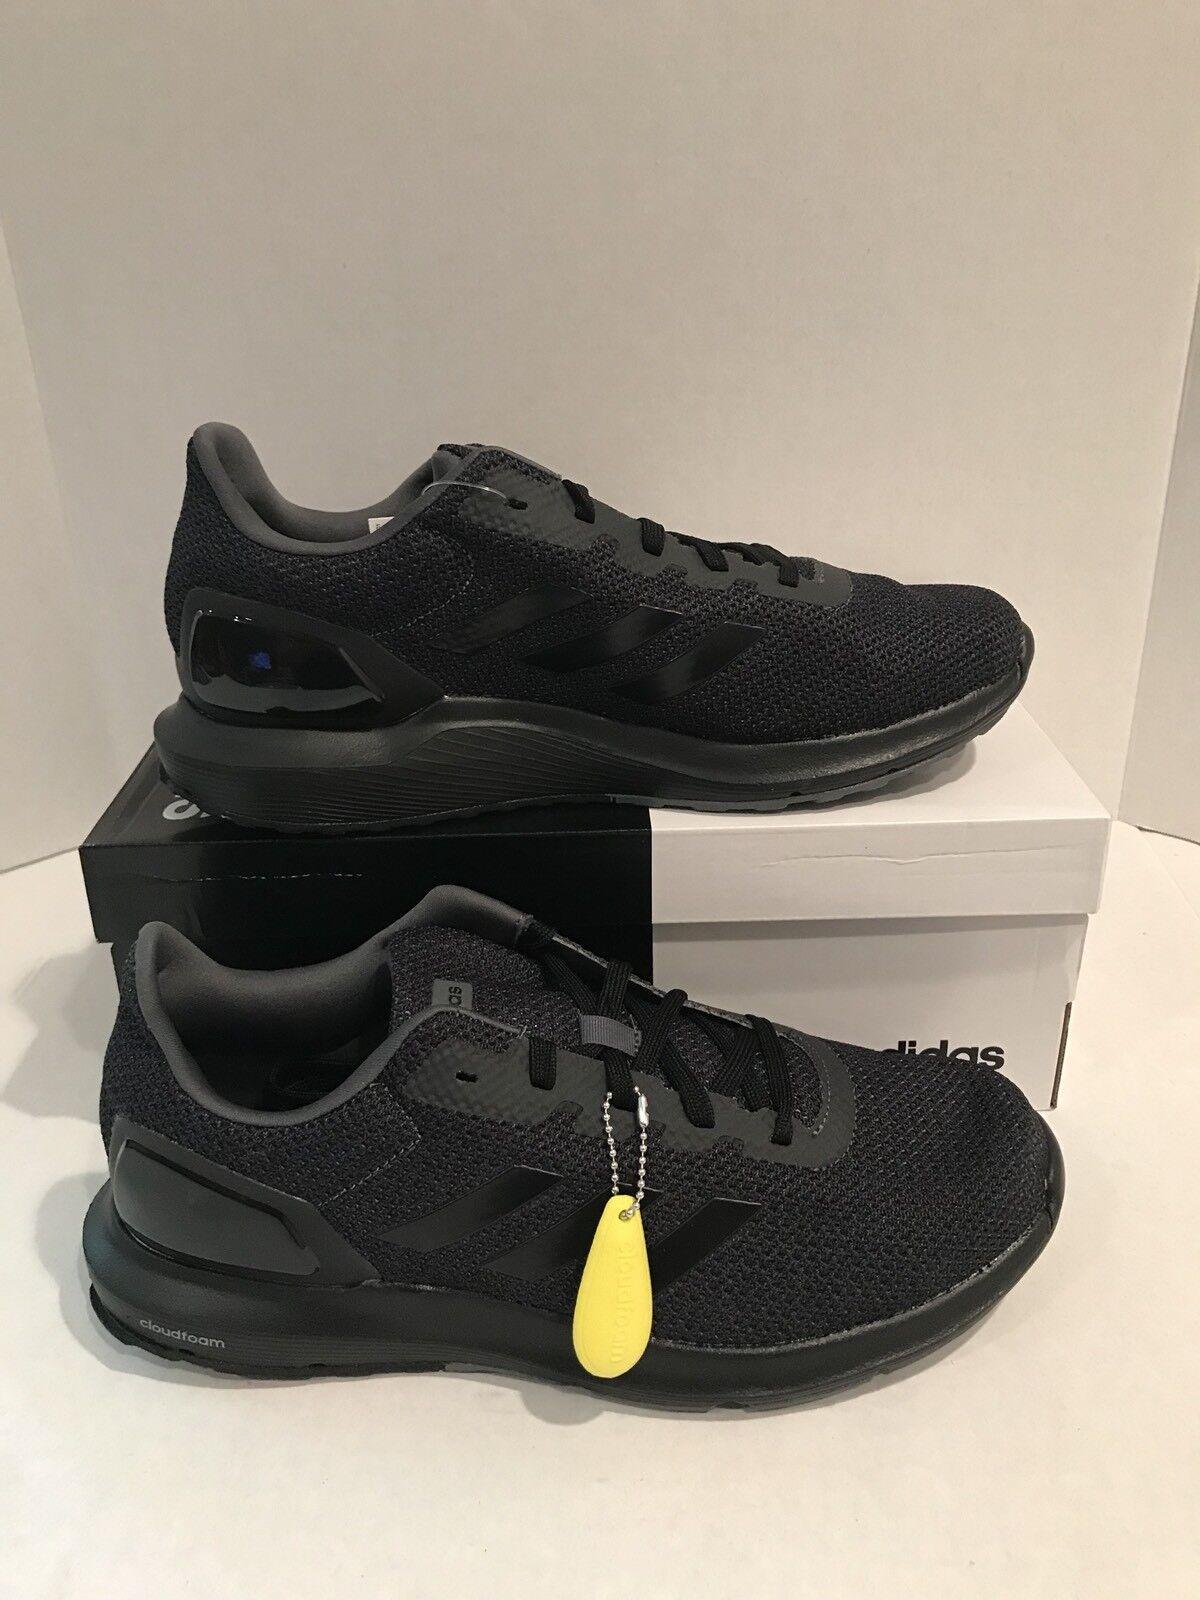 Pennino uomini  adidas cq1711 cosmico 2 nere cloudfoam correndo le scarpe nere 2 seleziona la dimensione 80 dollari e0669a